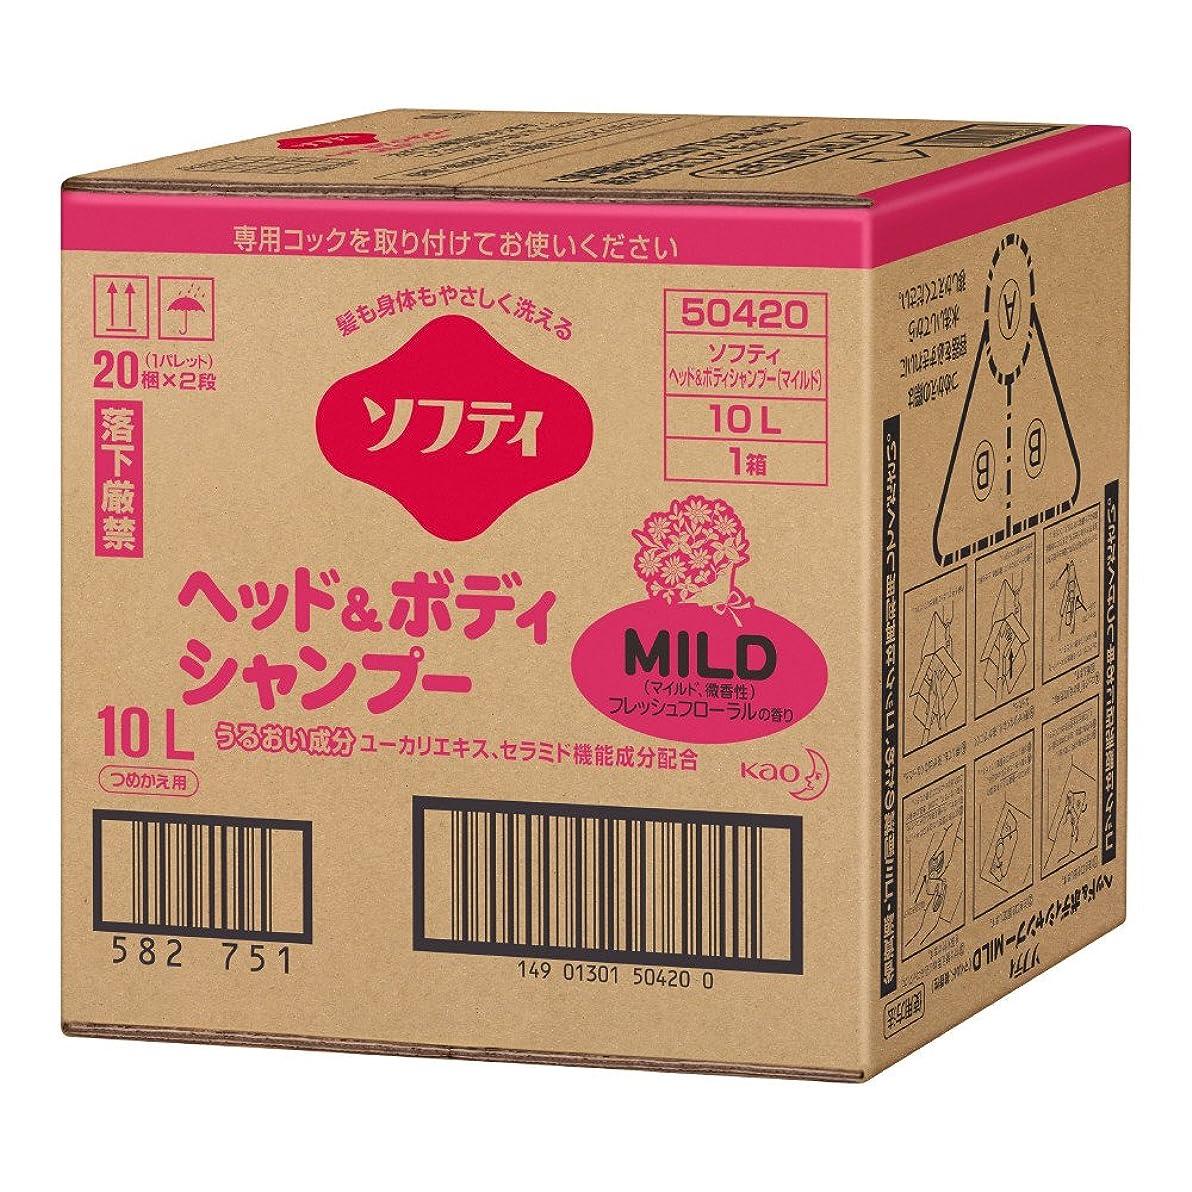 帝国徴収故意にソフティ ヘッド&ボディシャンプーMILD(マイルド) 10L バッグインボックスタイプ (花王プロフェッショナルシリーズ)